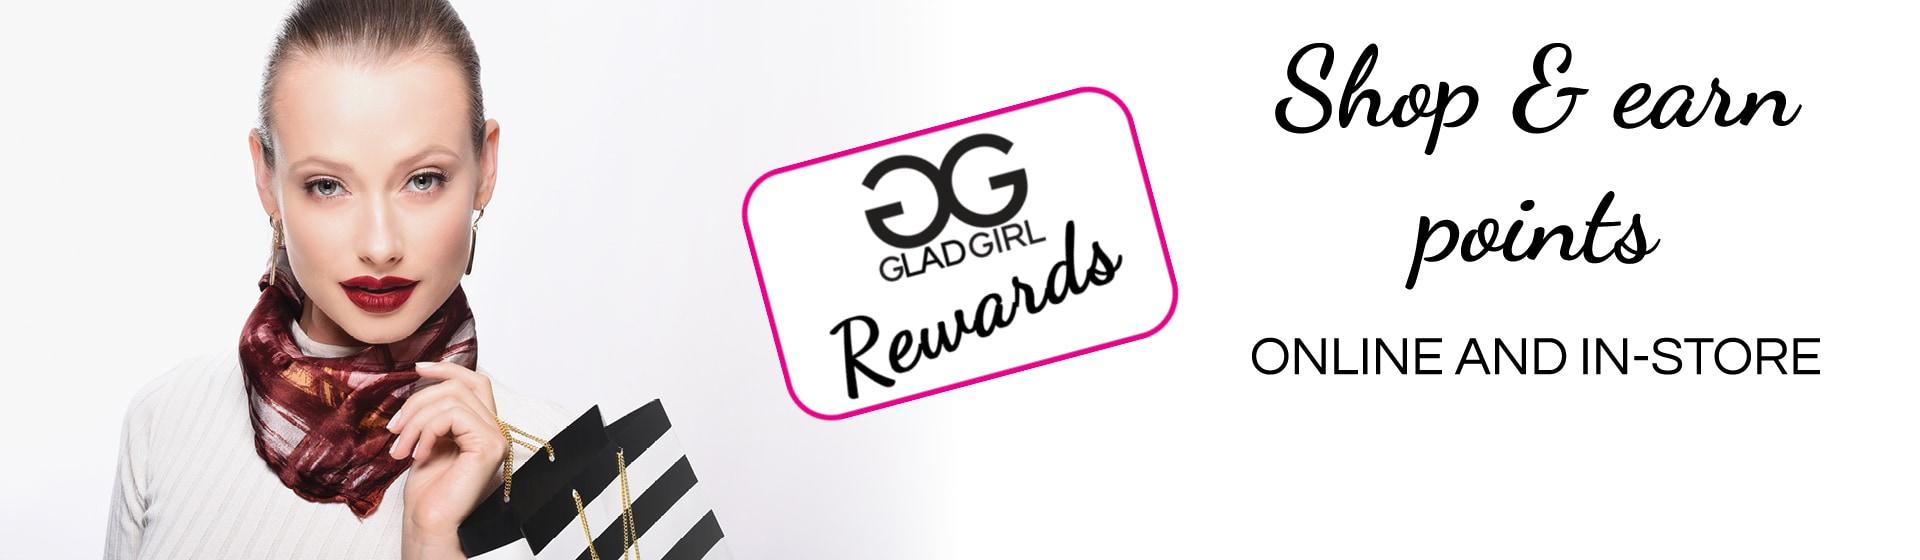 GladGirl Rewards